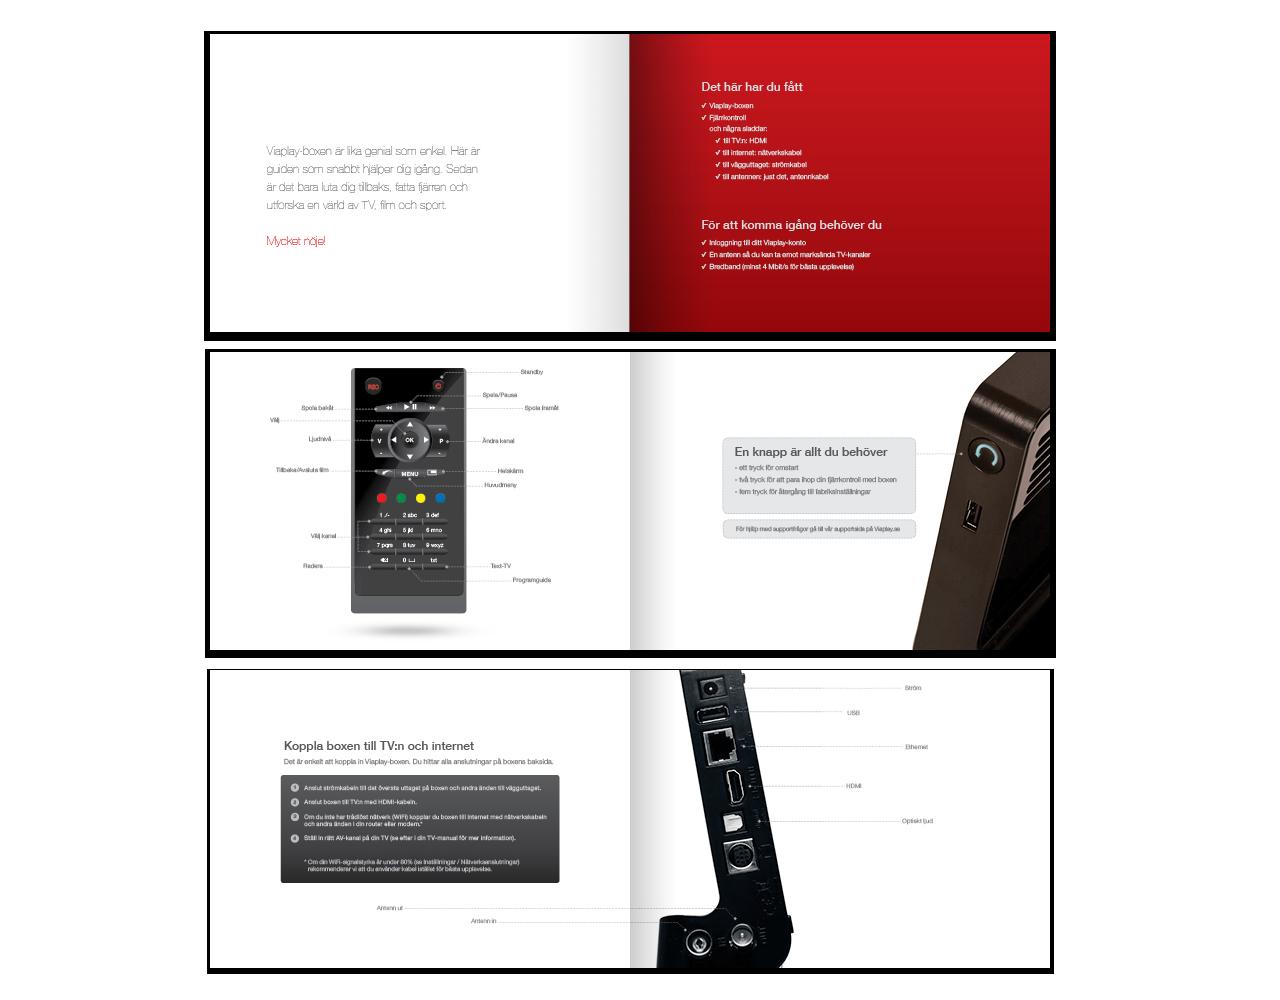 Viaplay Brochure Design